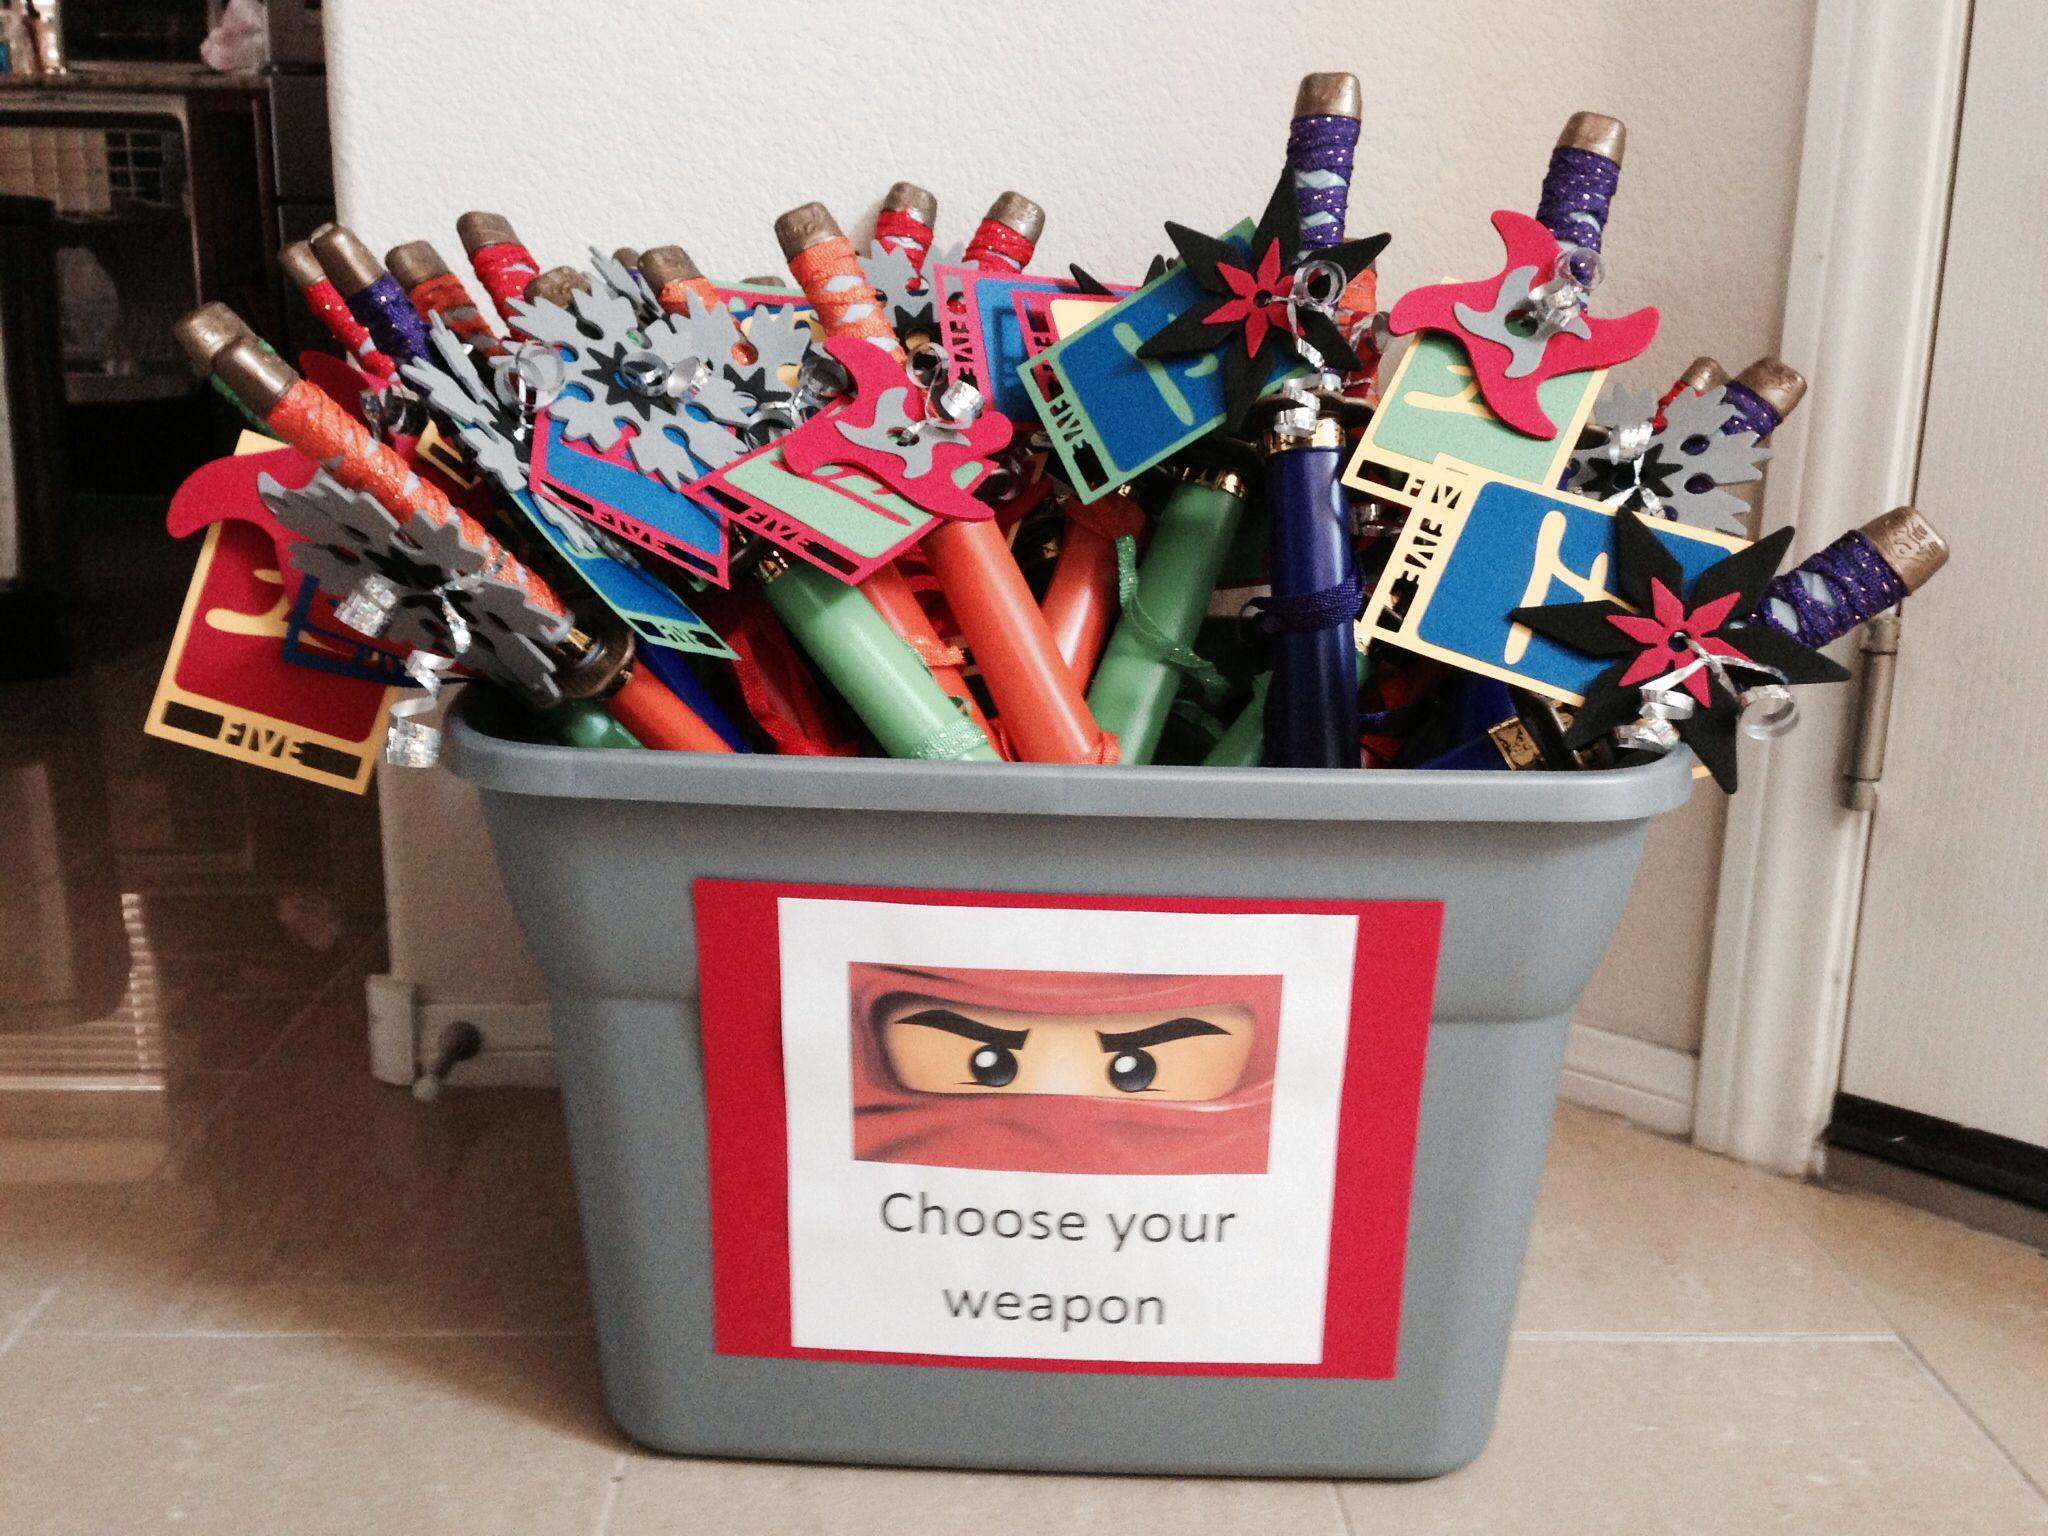 Ninjago birthday party favors swords from amazon ninja stars from target